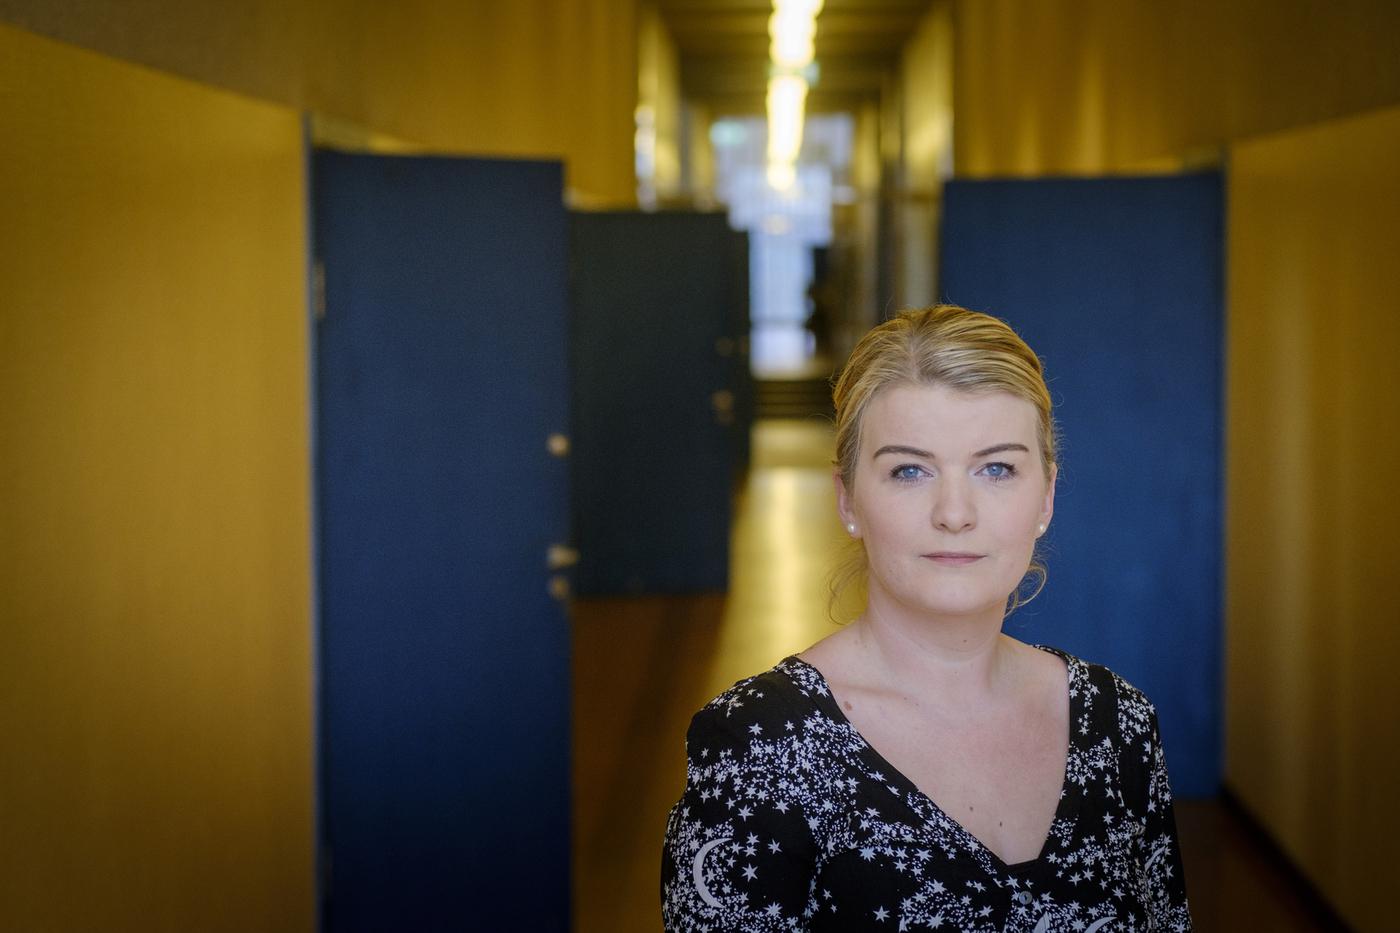 Sunna Símonardóttir